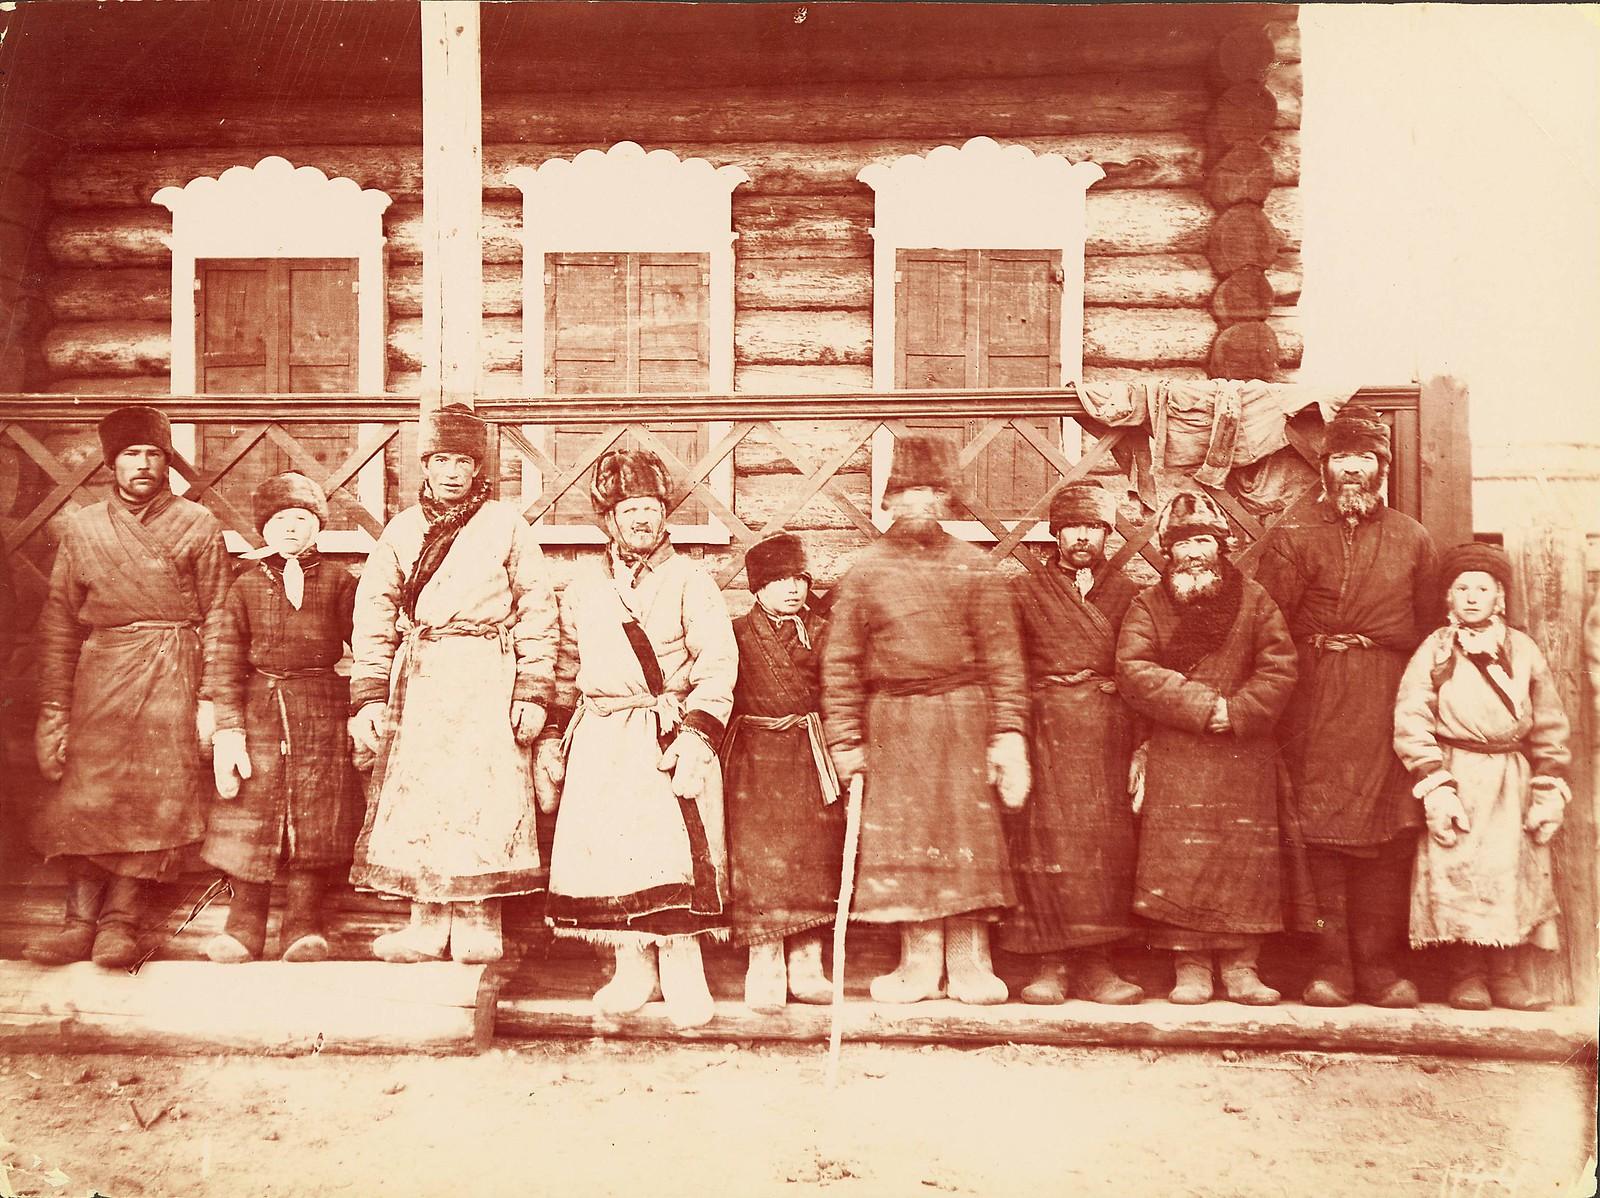 Группа ямщиков. Много азиатских типов